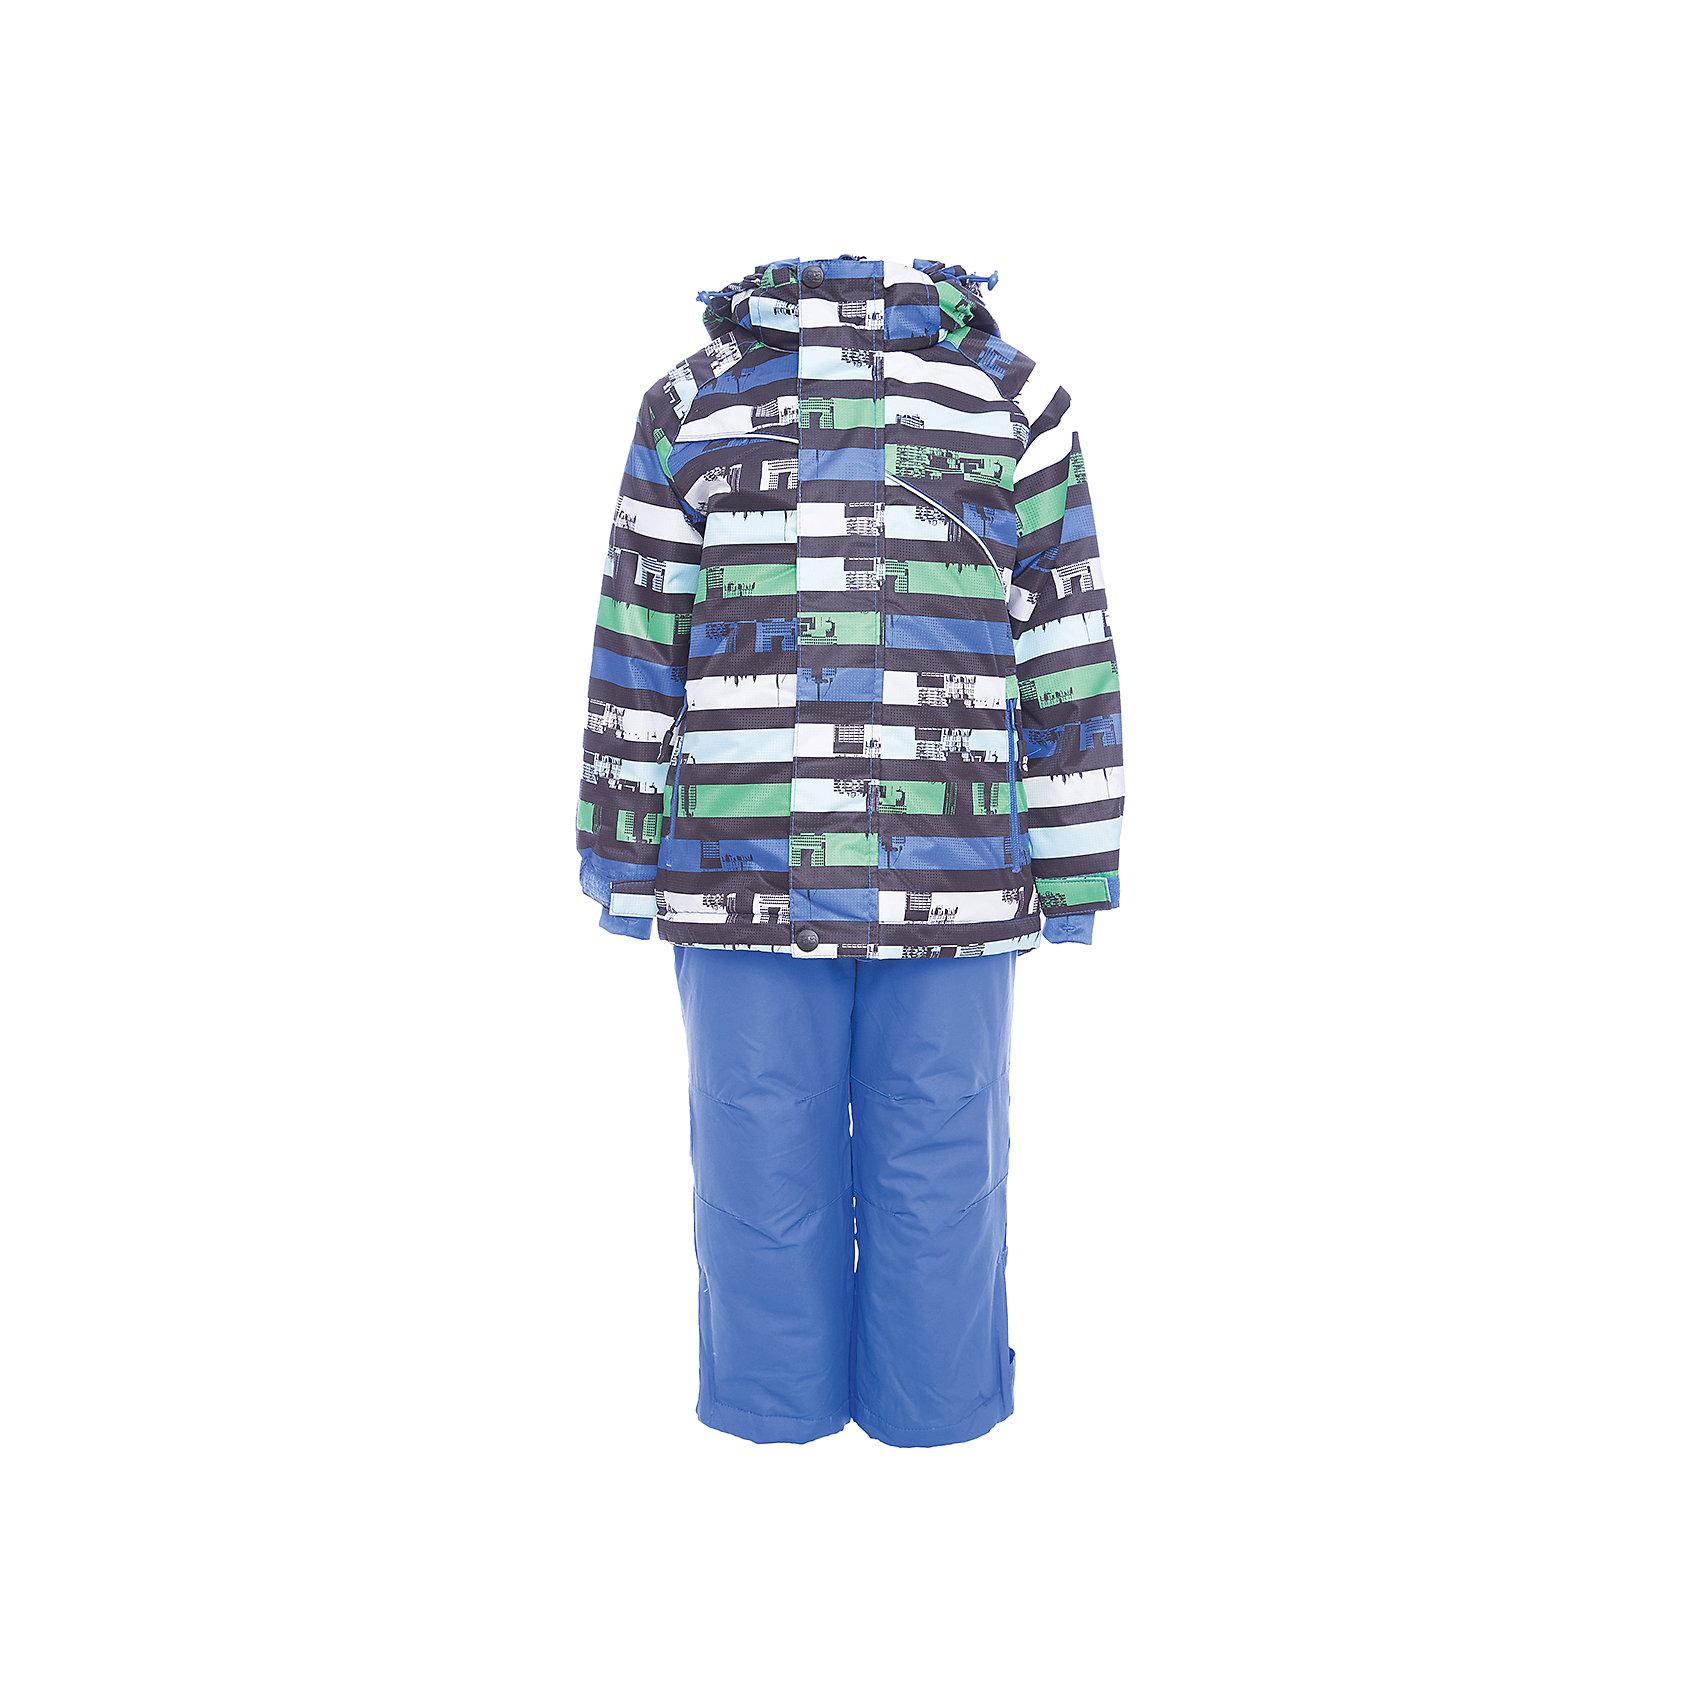 Комплект: куртка и брюки Sweet Berry для мальчикаВерхняя одежда<br>Комплект: куртка и брюки Sweet Berry для мальчика<br>Комфортный и теплый костюм  для девочки из мембранной ткани. В конструкции учтены физиологические особенности малыша. Съемный капюшон на молнии с дополнительной утяжкой, спереди установлены две кнопки.  Рукава с манжетами, регулируются липучкой.  Два кармана, застегивающиеся на молнию. Застежка-молния с внешней ветрозащитной планкой.  Брюки на регулируемых эластичных лямках. По бокам брюк расположены карманы на молниях. Штанины внизу затягиваются липучками. Ткань верха: мембрана 3000мм/3000г/м2/24h, waterproof, водонепроницаемая с грязеотталкивающей пропиткой.<br>Пoдкладка: мягкая трикотажная ткань с ворсом.<br>Утеплитель: Синтепух 80 г/м? (куртка),<br>60 г/м? (рукава, п/комбинезон). Температурный режим: от -0 до +10 С<br>Состав:<br>Верх: куртка: 100%полиэстер, брюки: 100%нейлон.  Подкладка: 100%полиэстер. Наполнитель: 100%полиэстер<br><br>Ширина мм: 356<br>Глубина мм: 10<br>Высота мм: 245<br>Вес г: 519<br>Цвет: синий<br>Возраст от месяцев: 108<br>Возраст до месяцев: 120<br>Пол: Мужской<br>Возраст: Детский<br>Размер: 140,98,104,110,116,122,128,134<br>SKU: 7095306